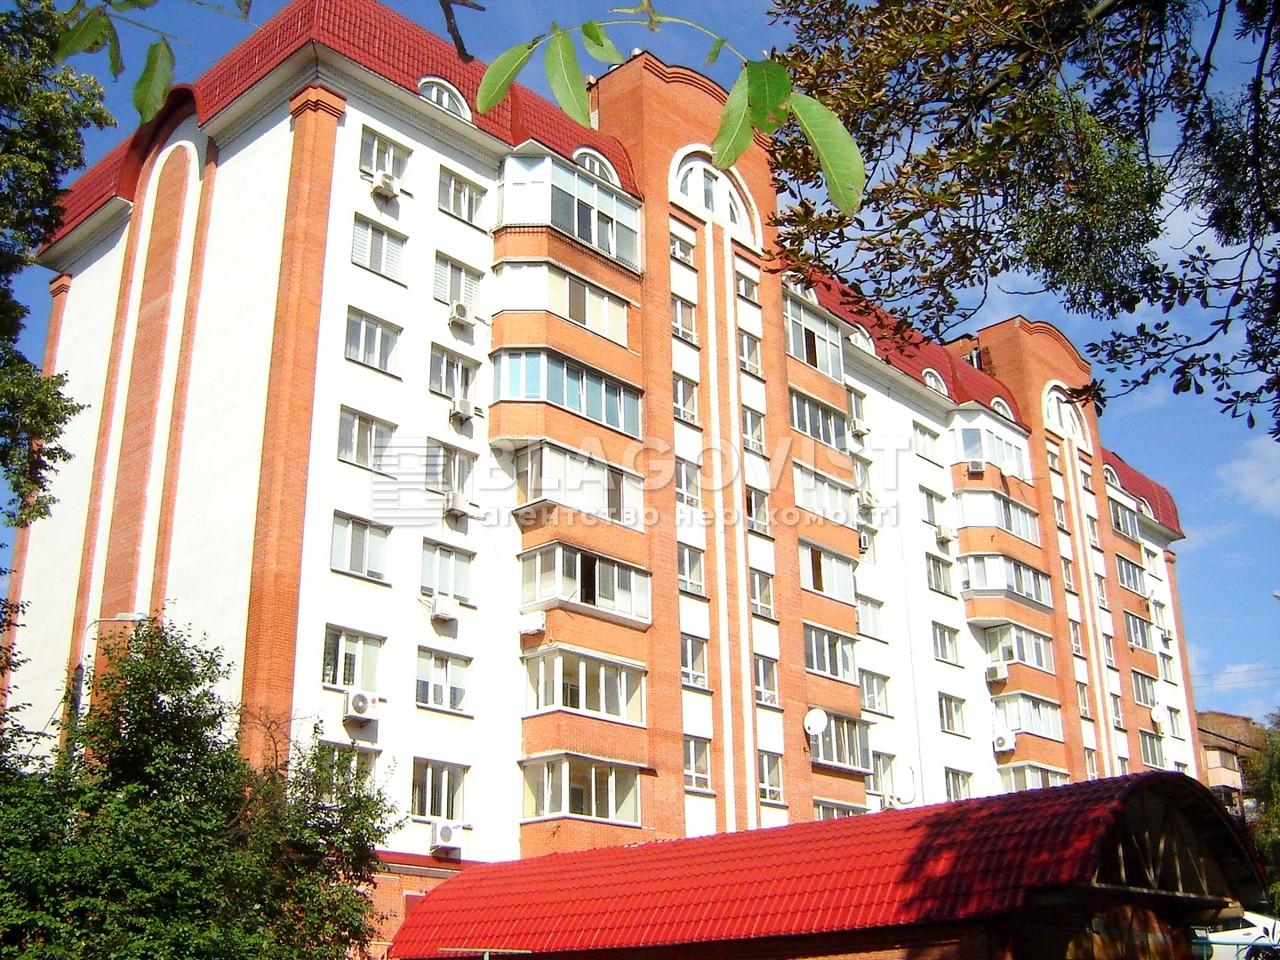 Квартира A-91517, Щербаковского Даниила (Щербакова), 42, Киев - Фото 1